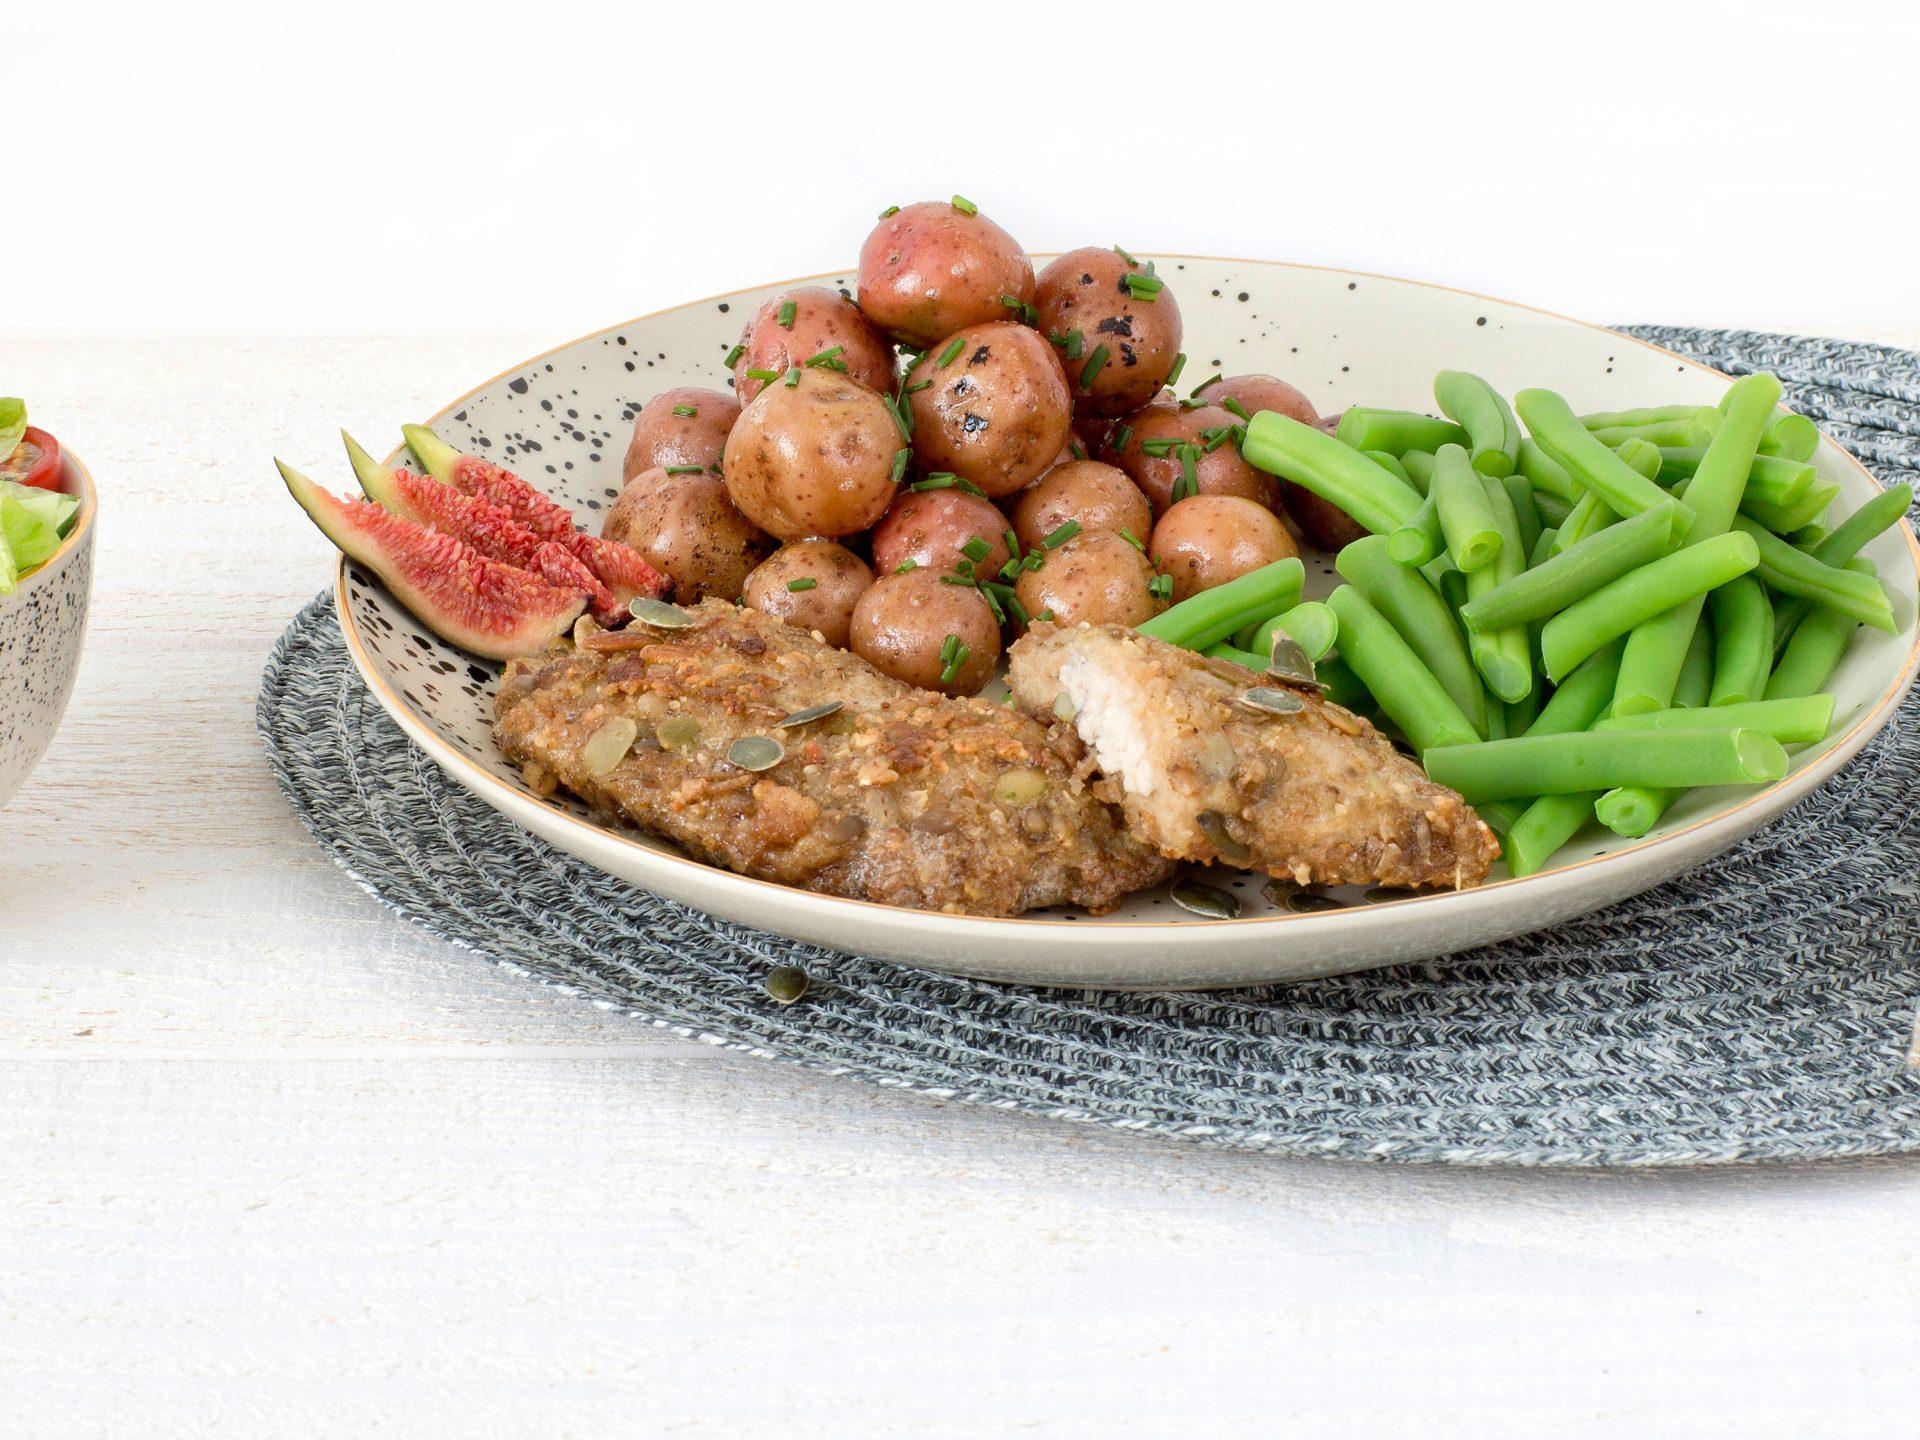 Fleischersatz: Vegetarische Granola Schnitzel Ziegenkäse Feige